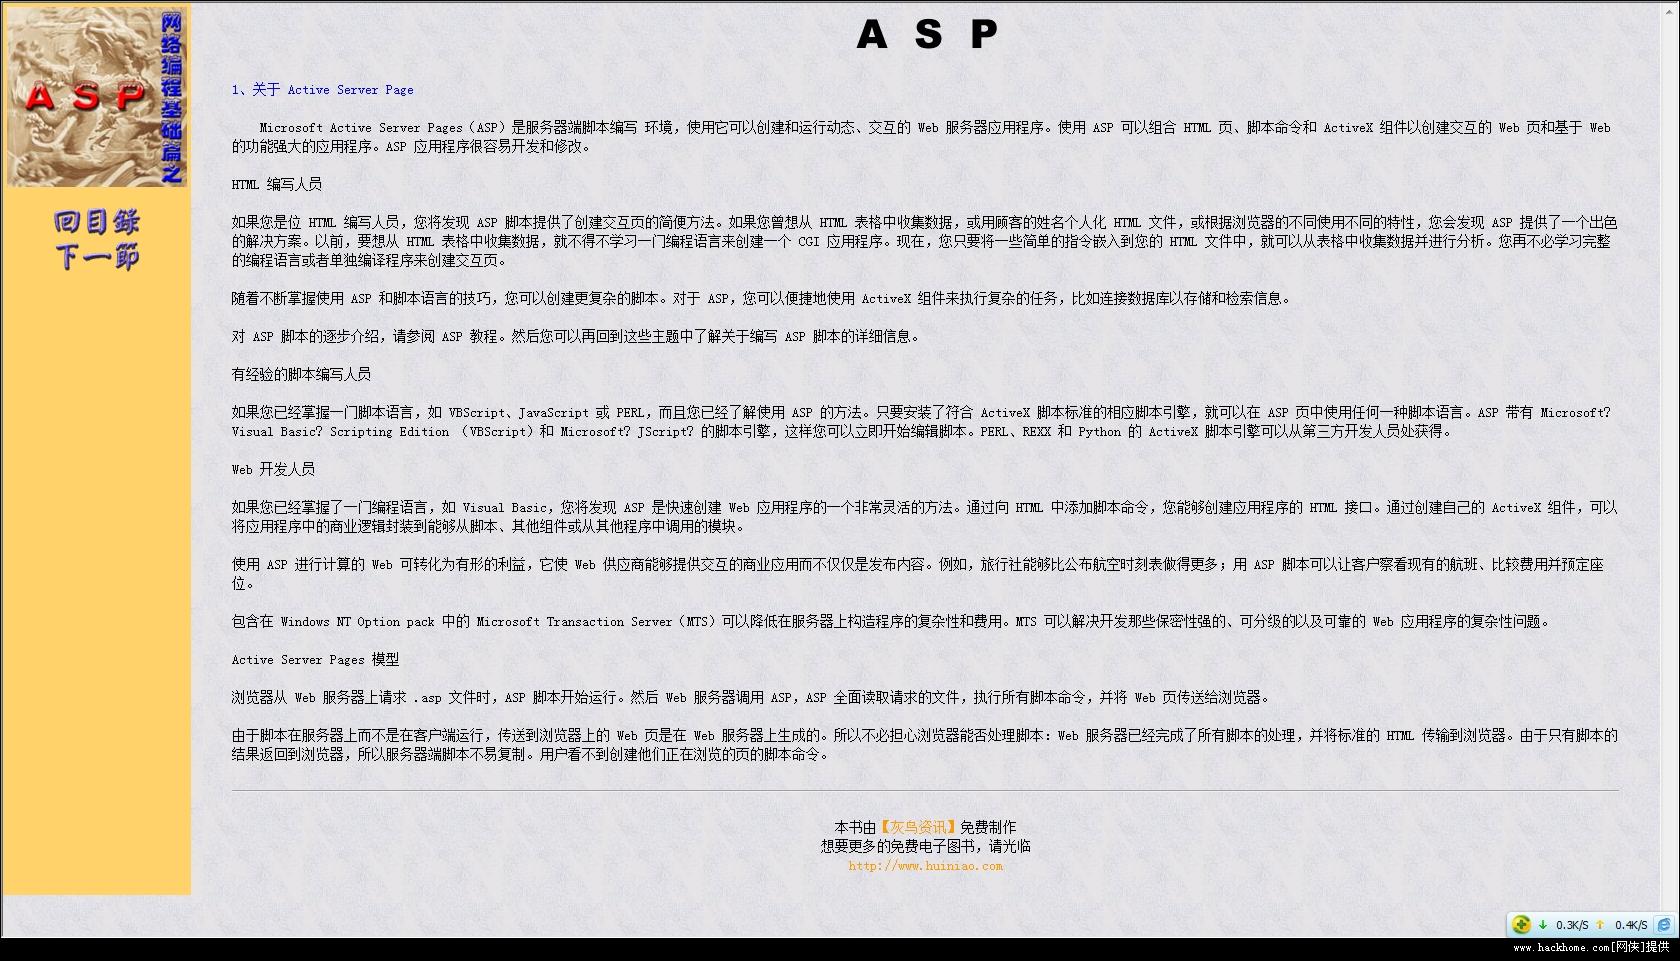 网络编程基础篇之ASP编程基础 PDF阅读图片